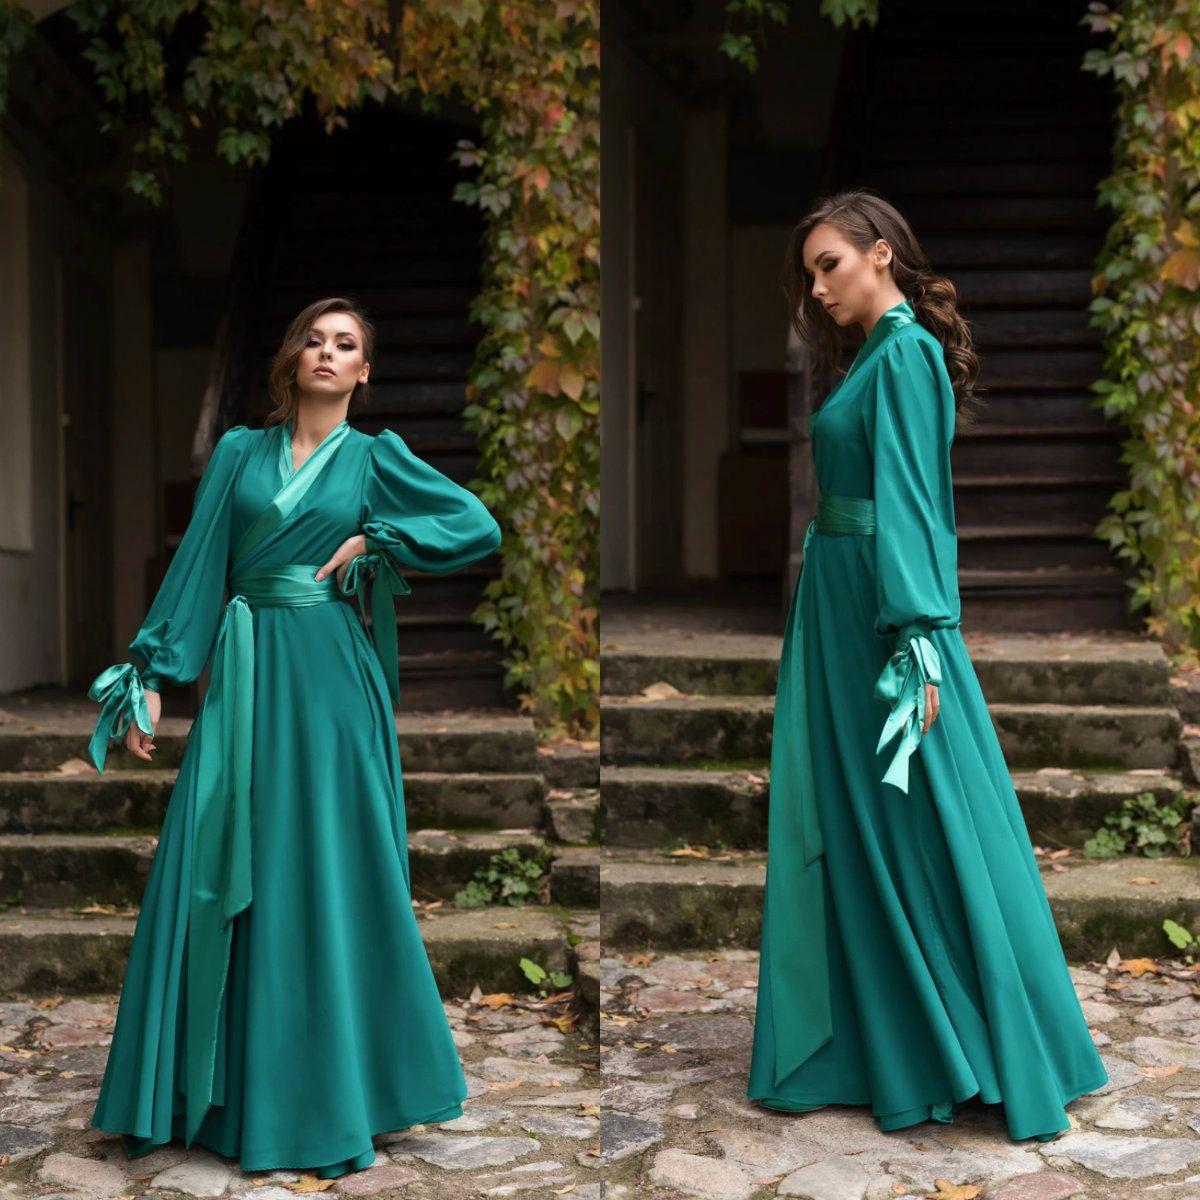 2020 della nuova biancheria sexy verde delle signore delle donne Sposa Abiti kimono in raso di seta pizzo Notte Indossare abito degli indumenti da notte